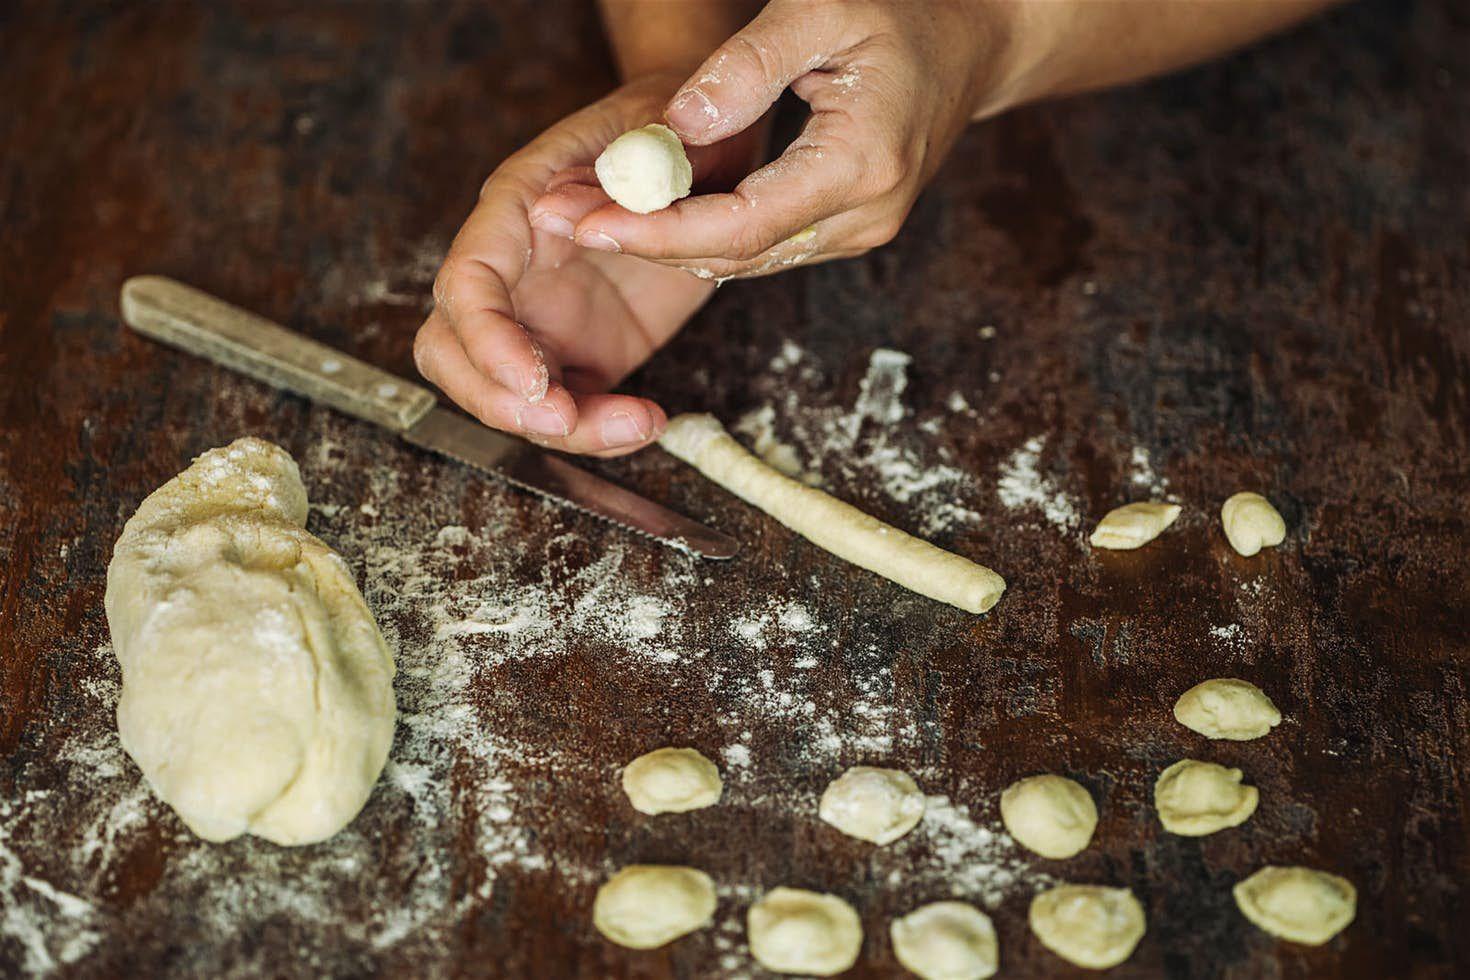 Le mani trasformano e sagomano la pasta creando con il pollice le famose orecchiette a Bari